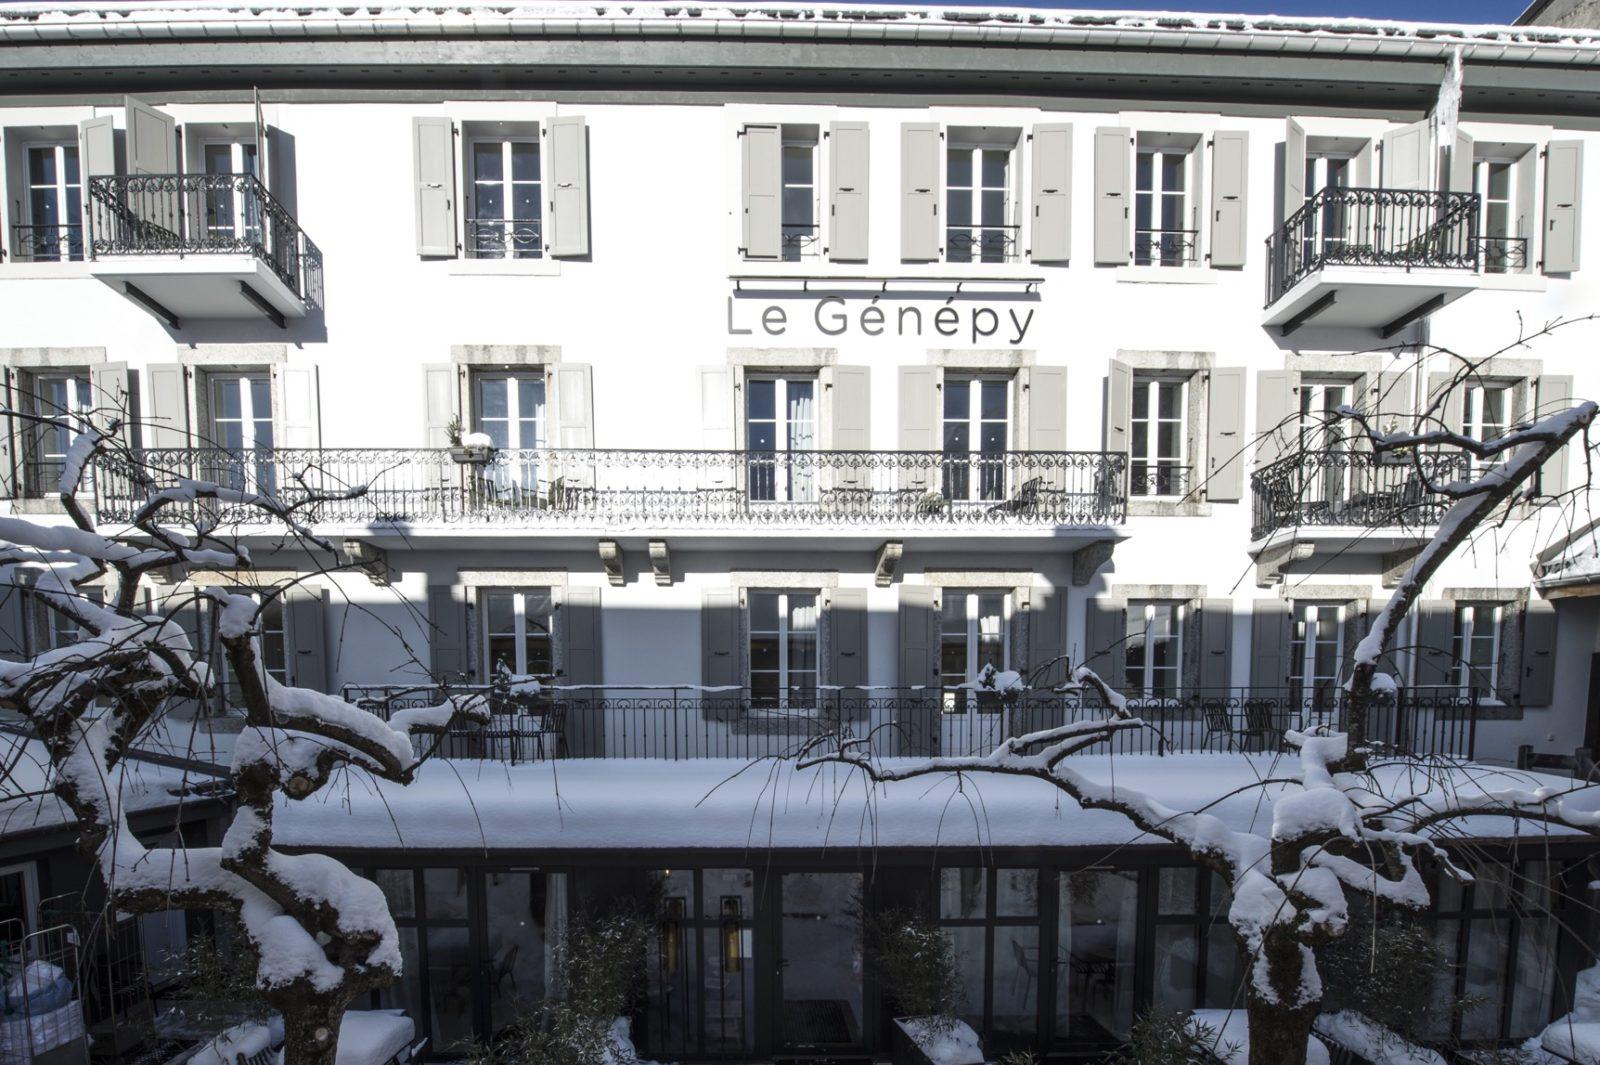 Chamonix Le Génépy